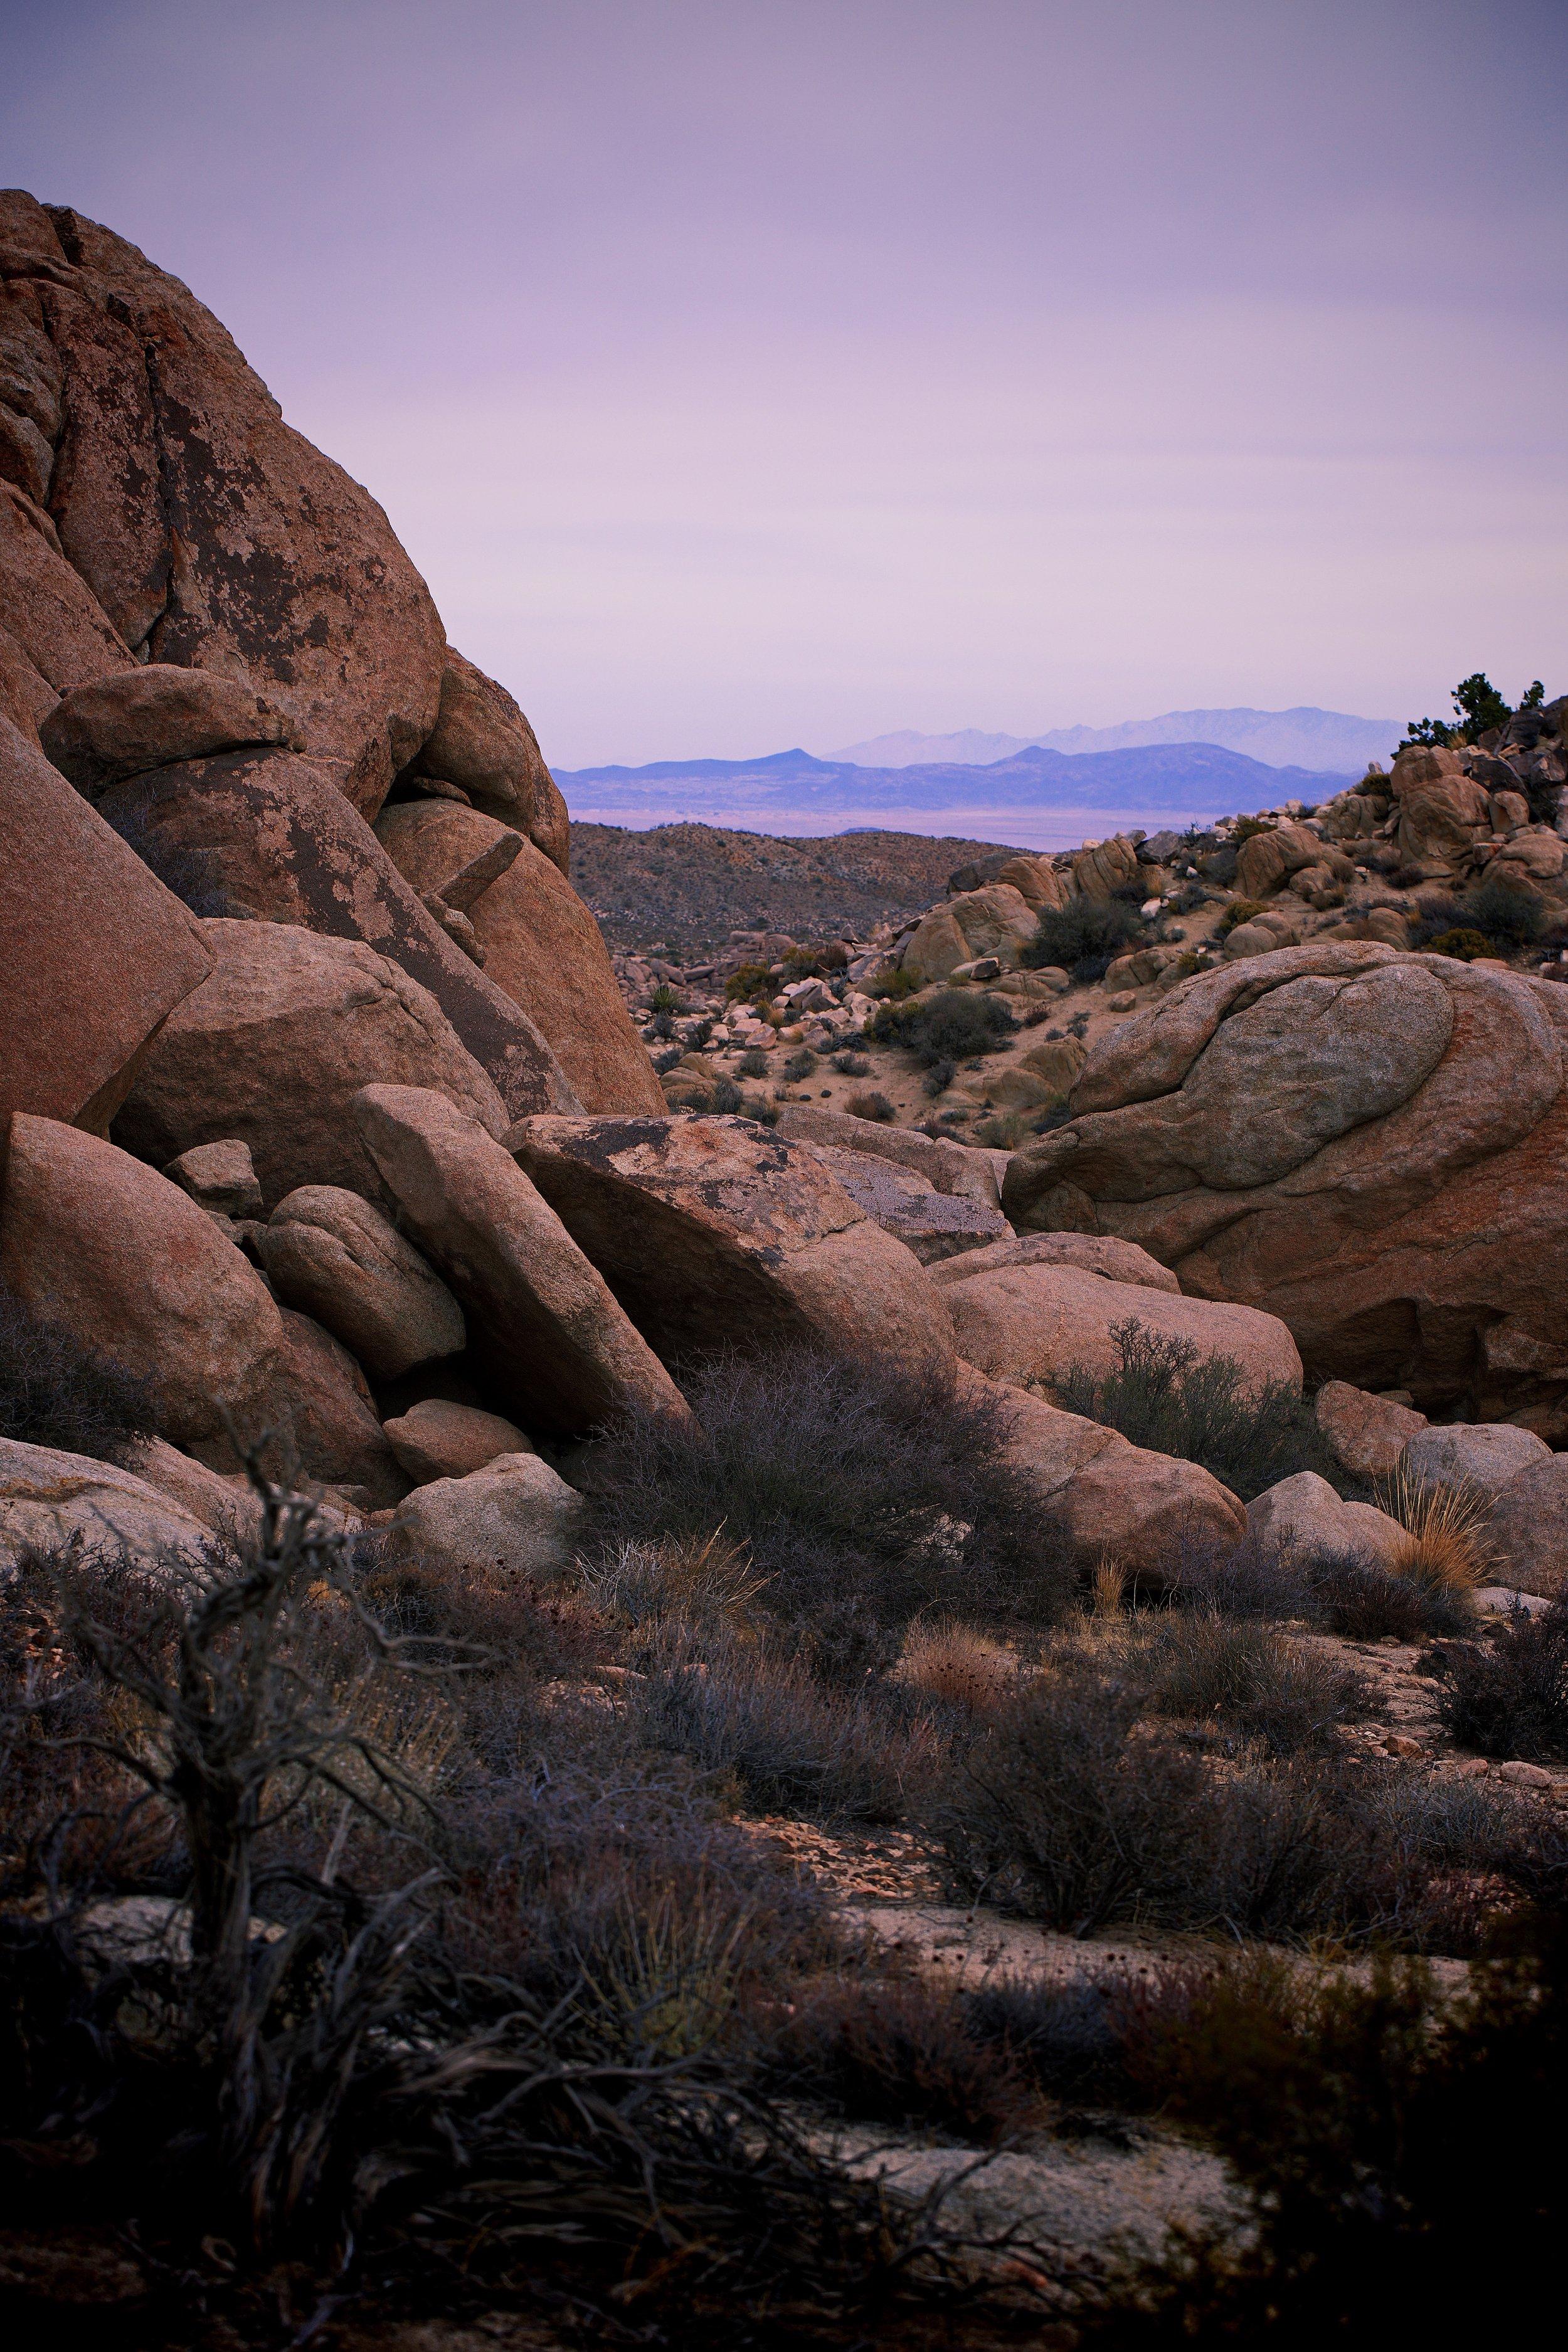 IMG_7320_x desert hike.jpg